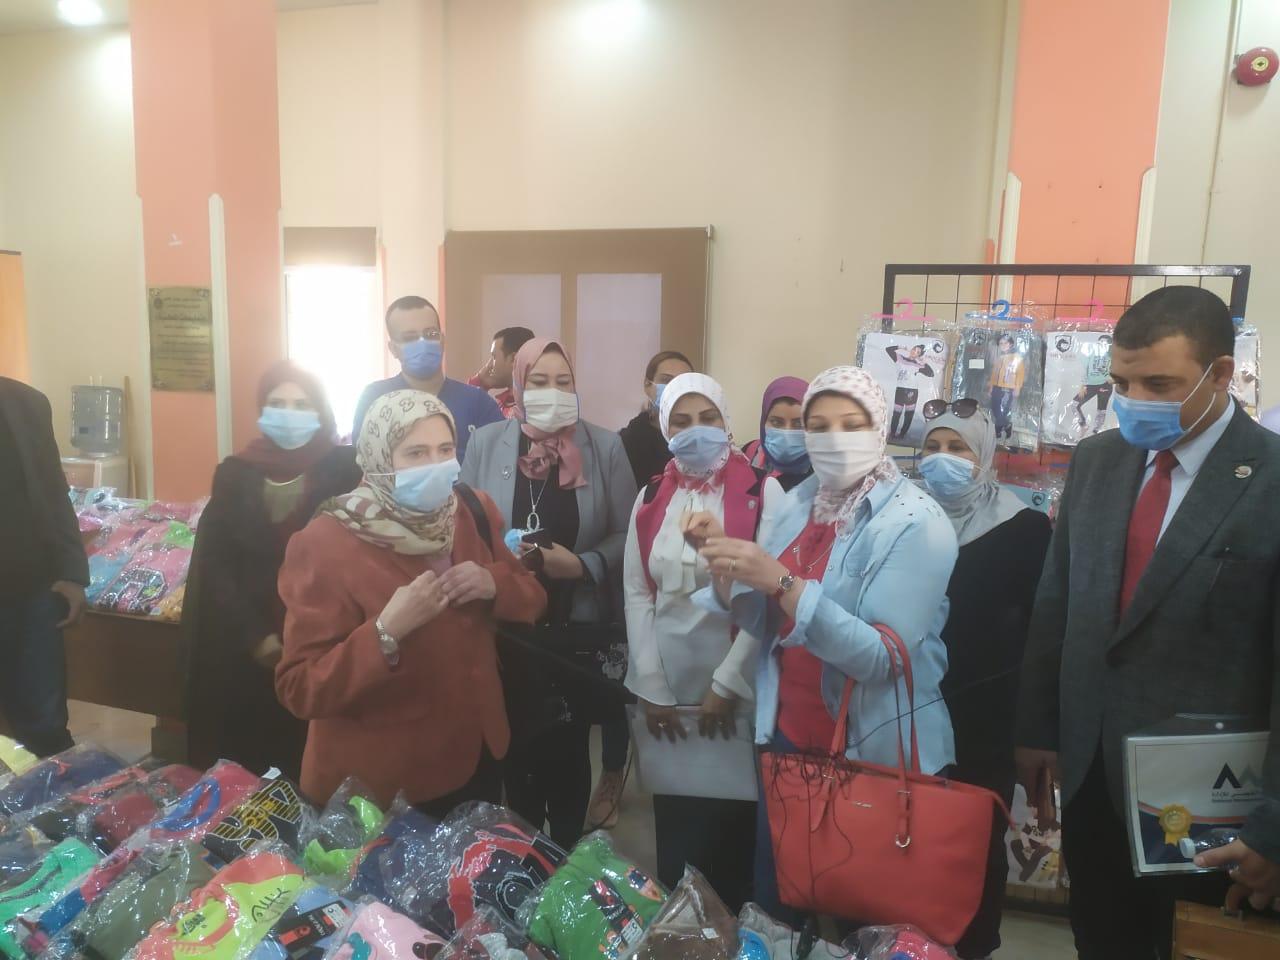 جامعة حلوان تطلق المرحلة الثانية من تطوير منطقة كفر العلو ودعم الأسر (5)